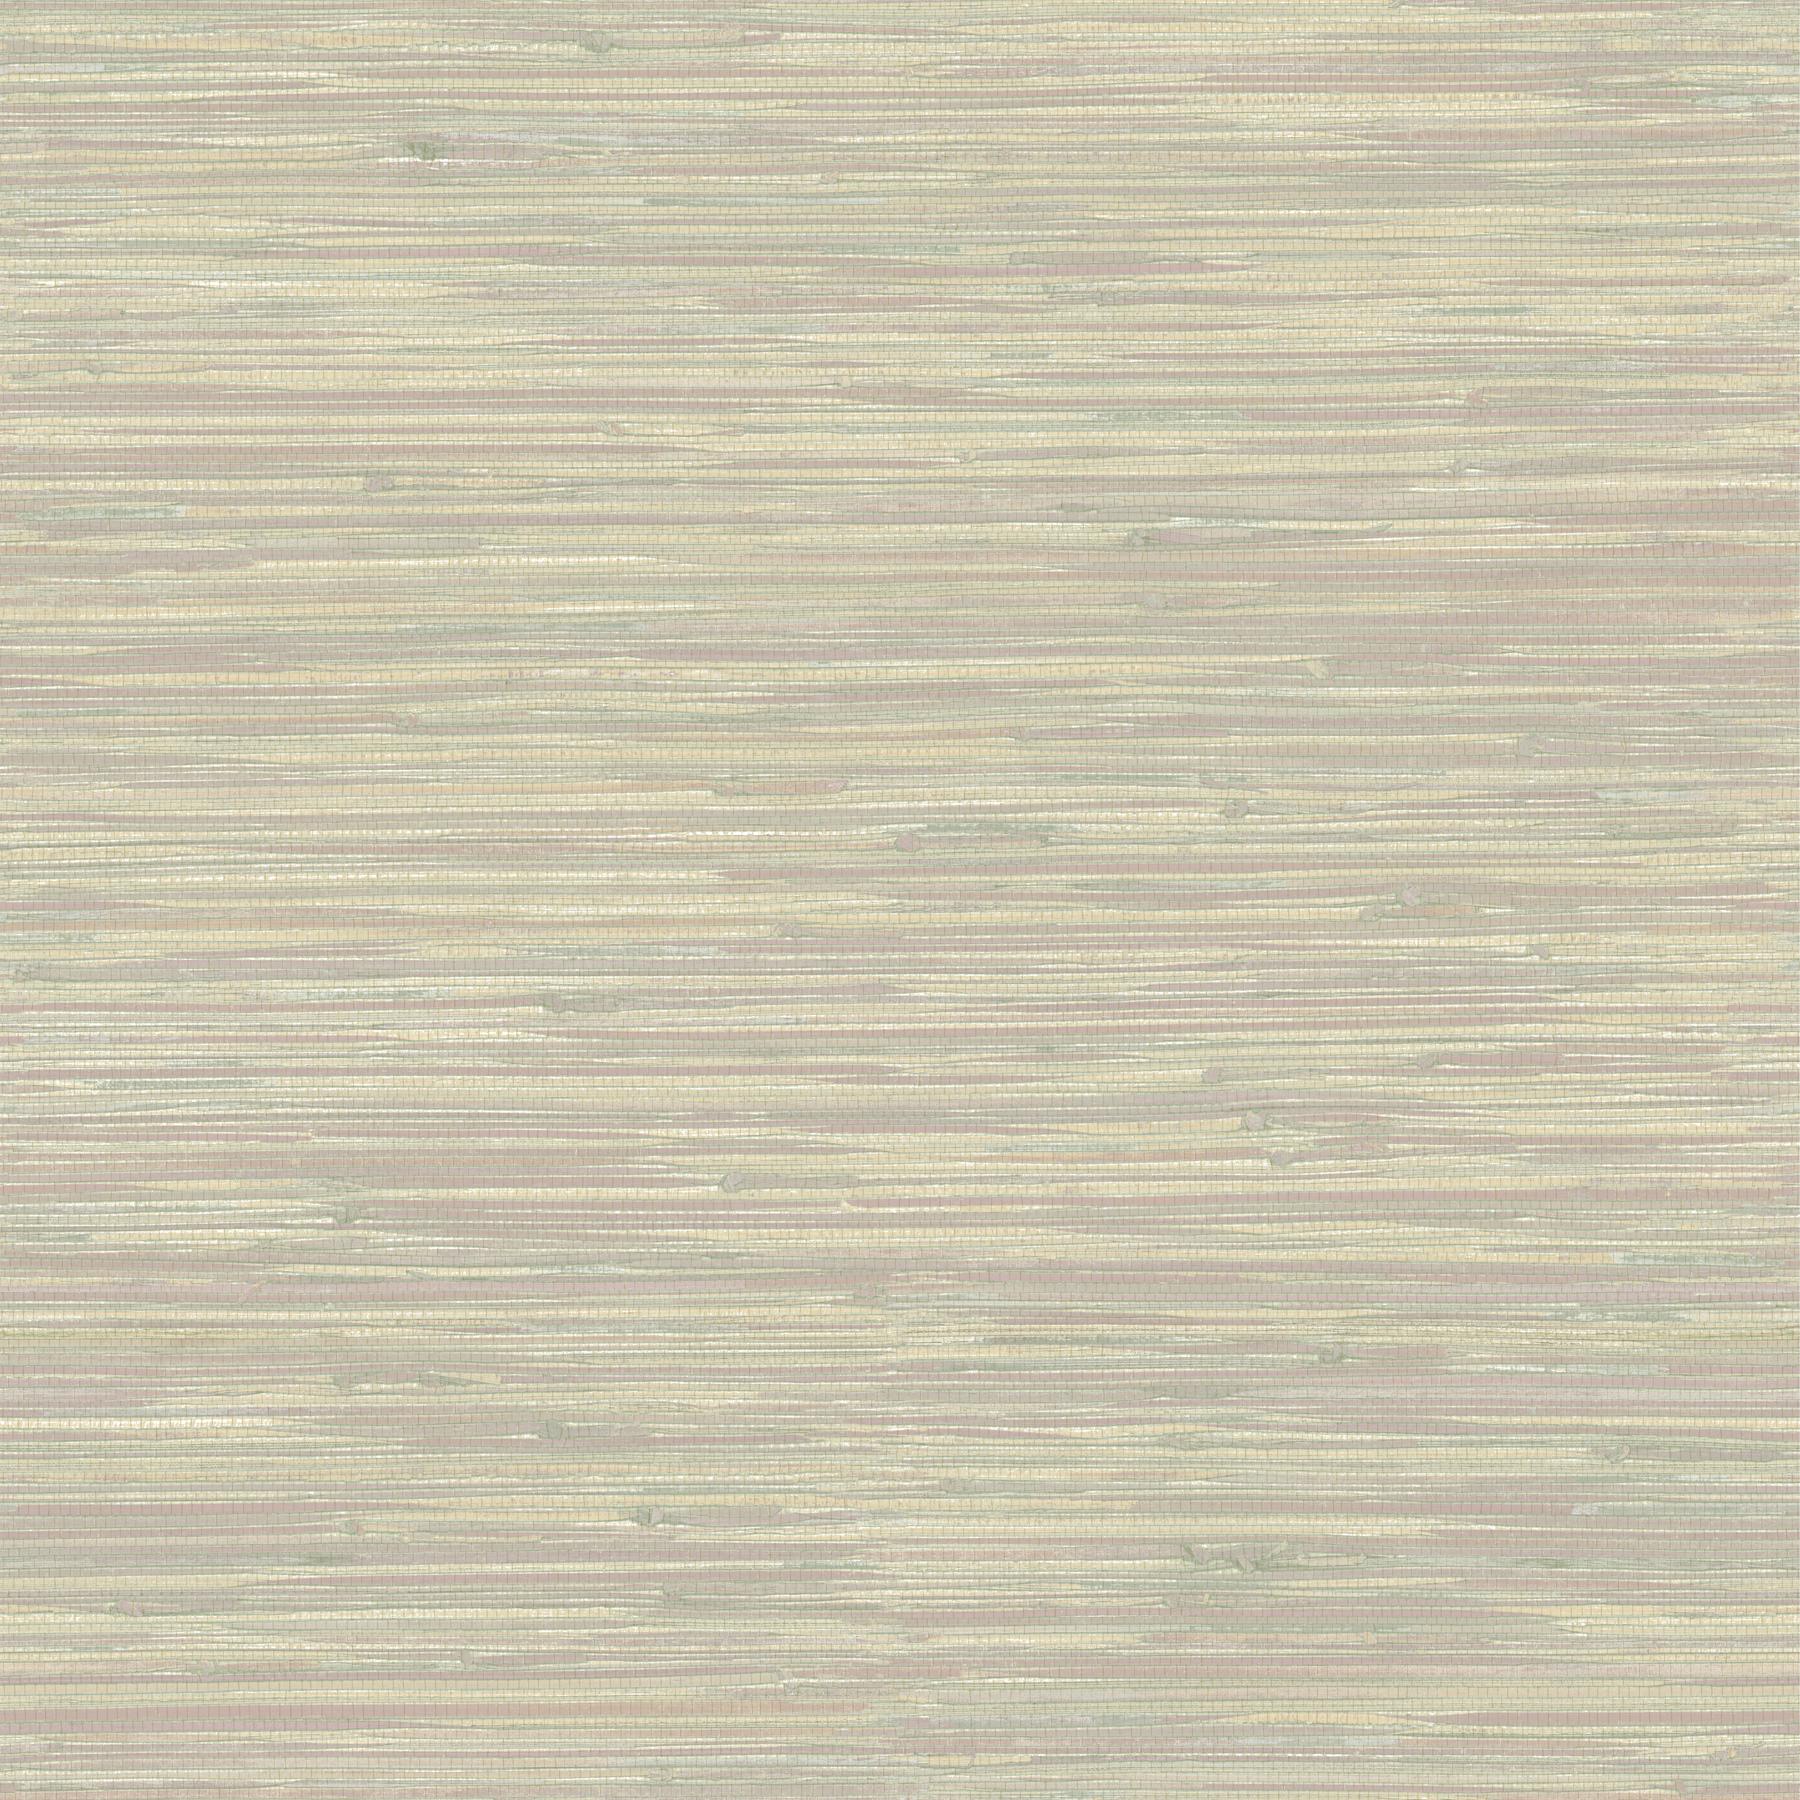 Picture of Autumn Breeze Lavender Faux Grasscloth Wallpaper